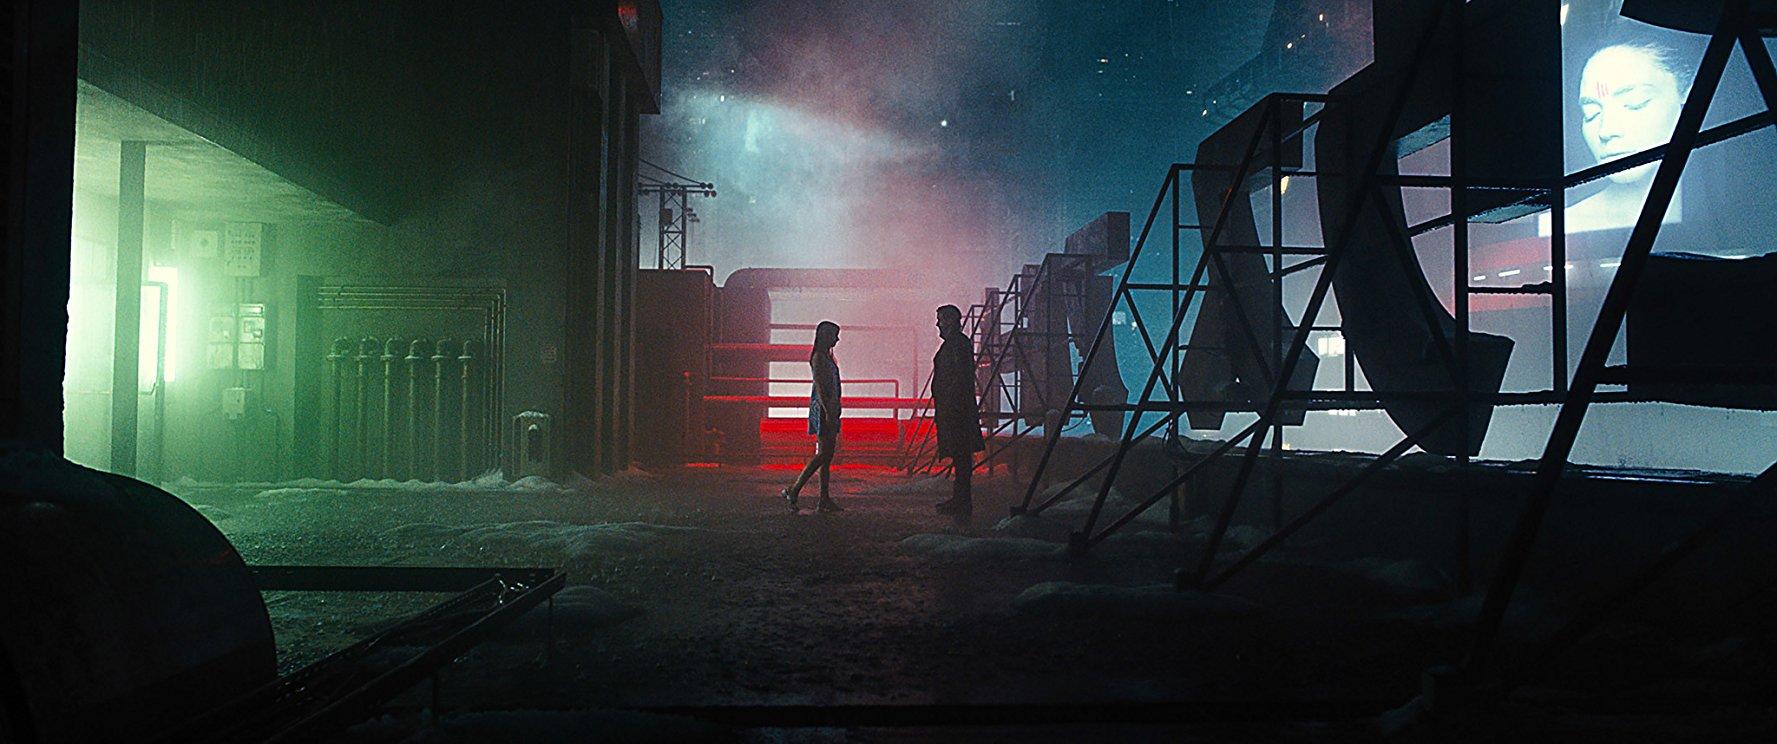 Blade Runner 2049 Roger Deakins.jpg